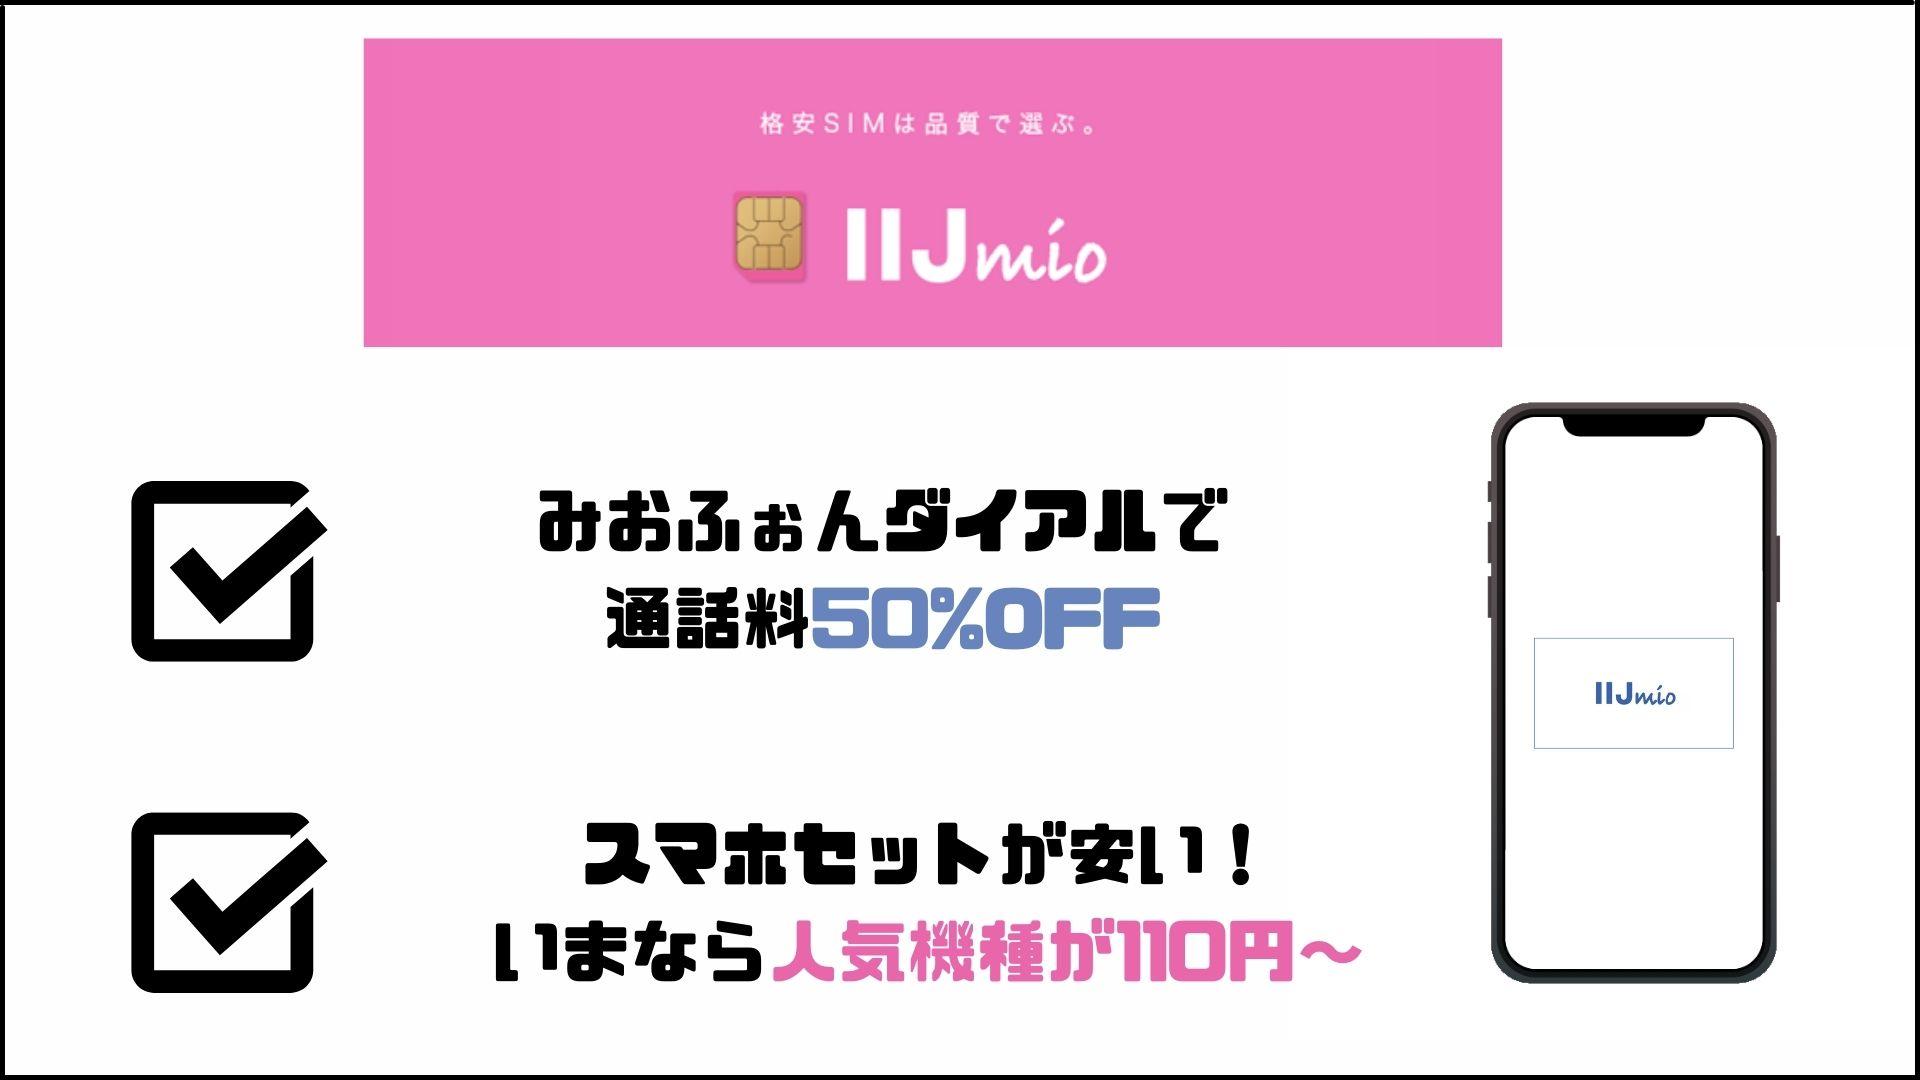 新 ぉ プラン ふ ん みお ドコモ「ahamo」に続く小容量・超低廉新プラン「Economy」の存在が判明!